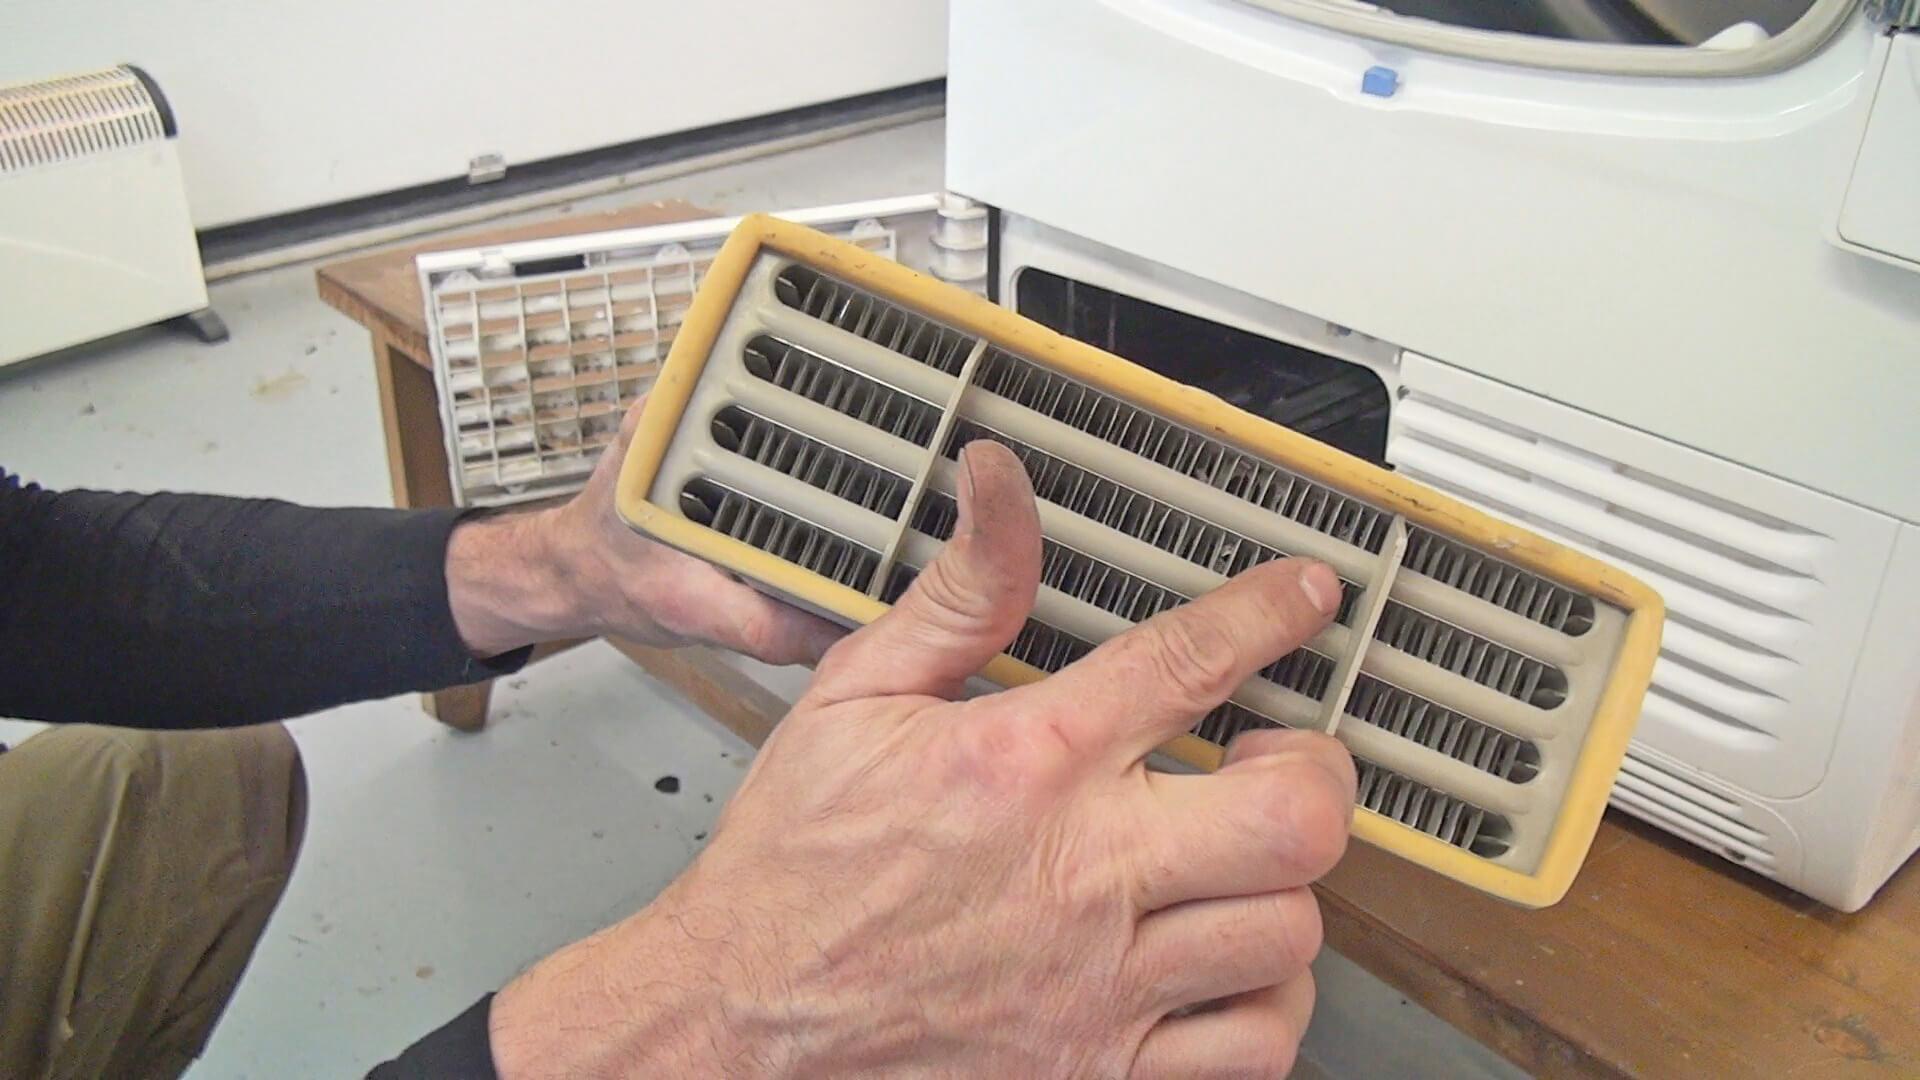 Fehlersuche: Whirlpool Trockner trocknet nicht mehr richtig